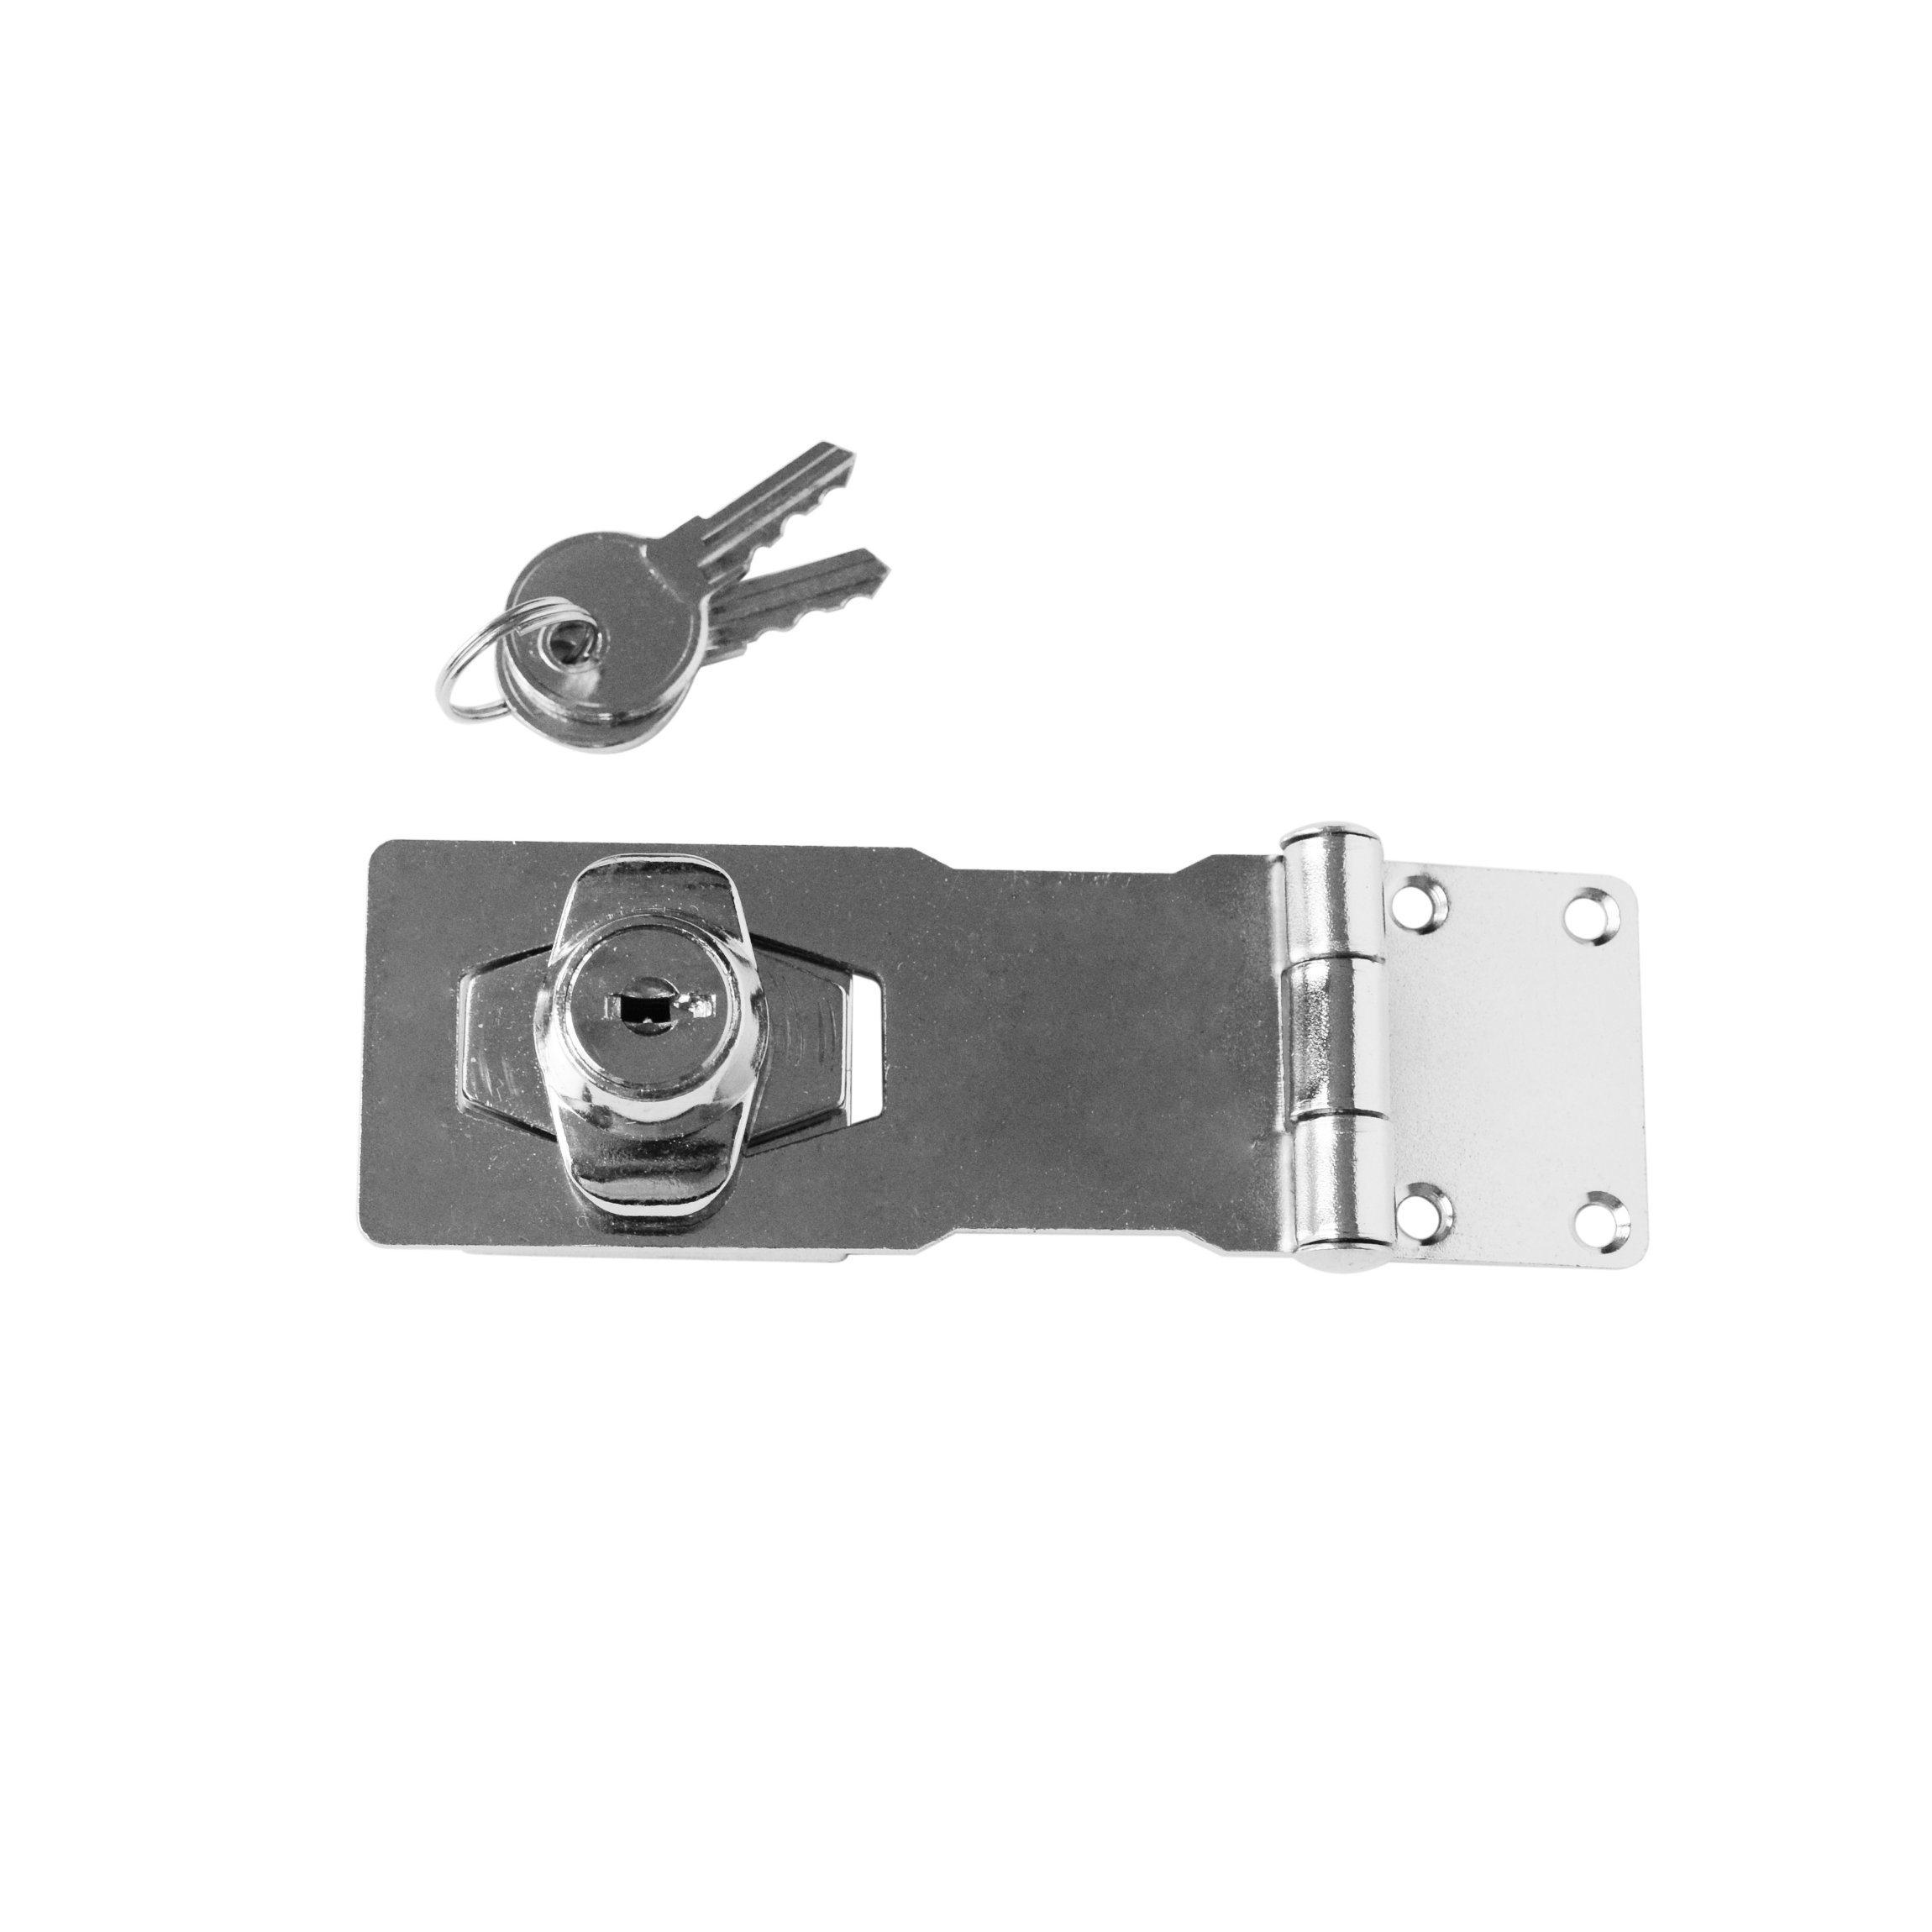 Hasp And Staple >> China 3 Locking Hasp Staple Steel With Zinc Locking Body